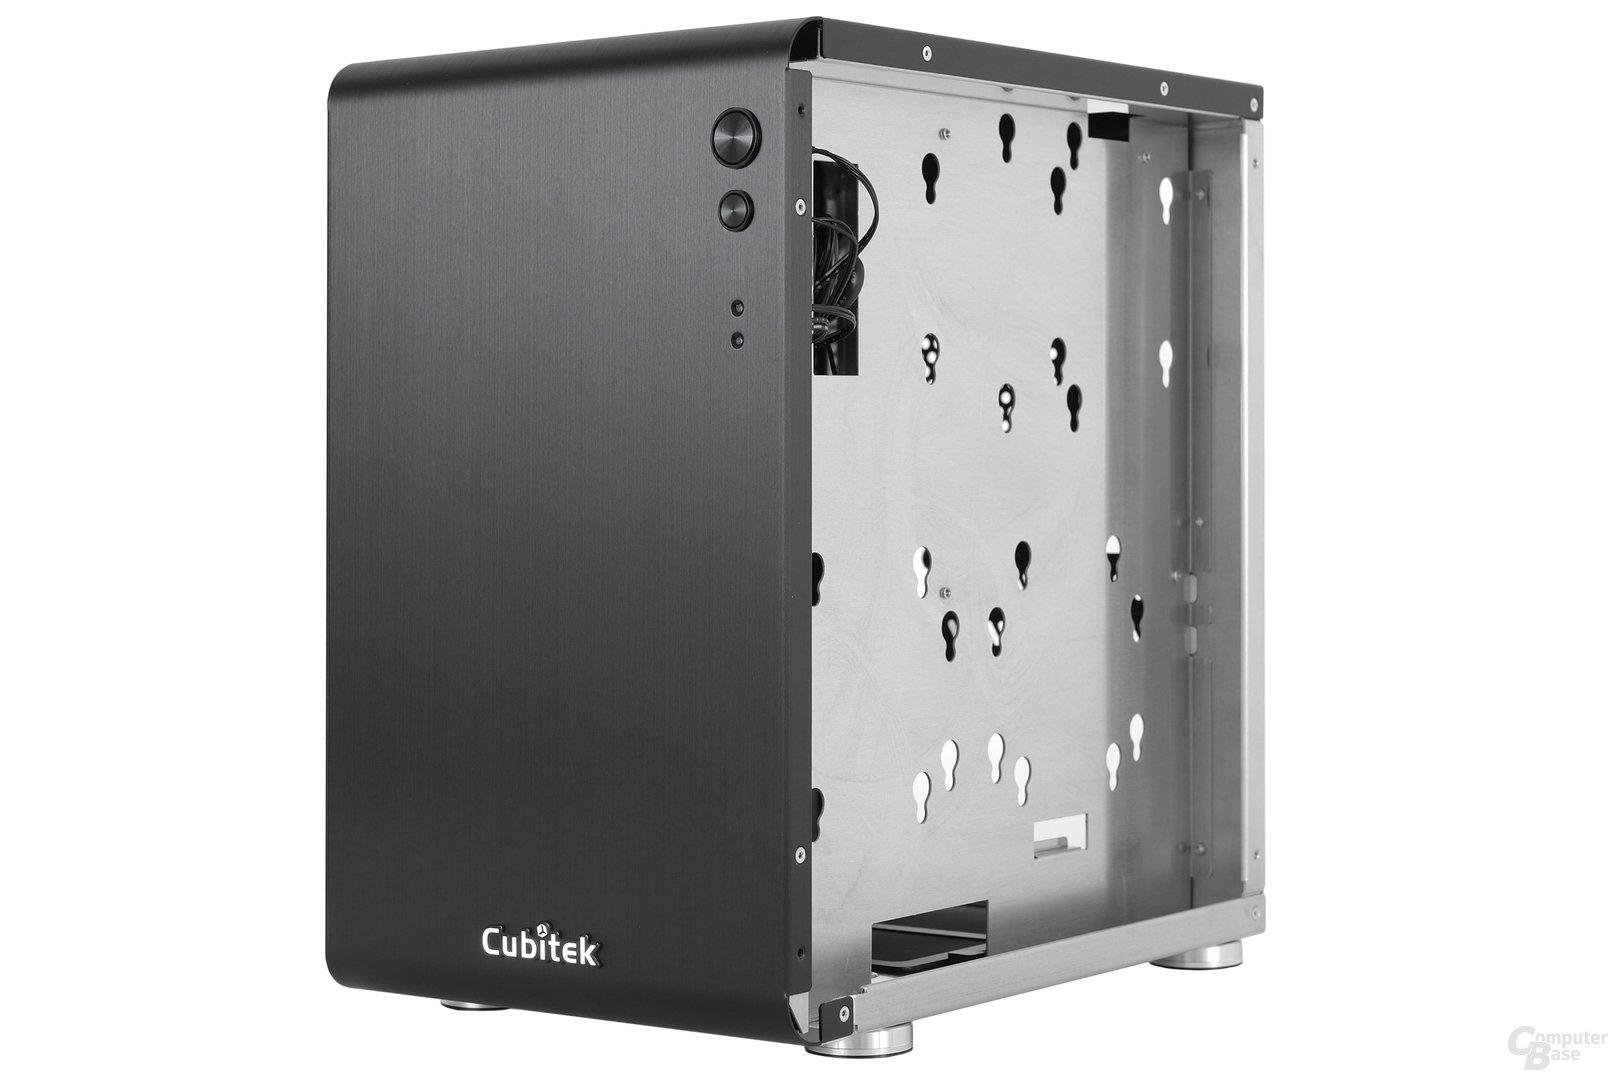 Cubitek Mini Cube - Trayrückseite seitlich